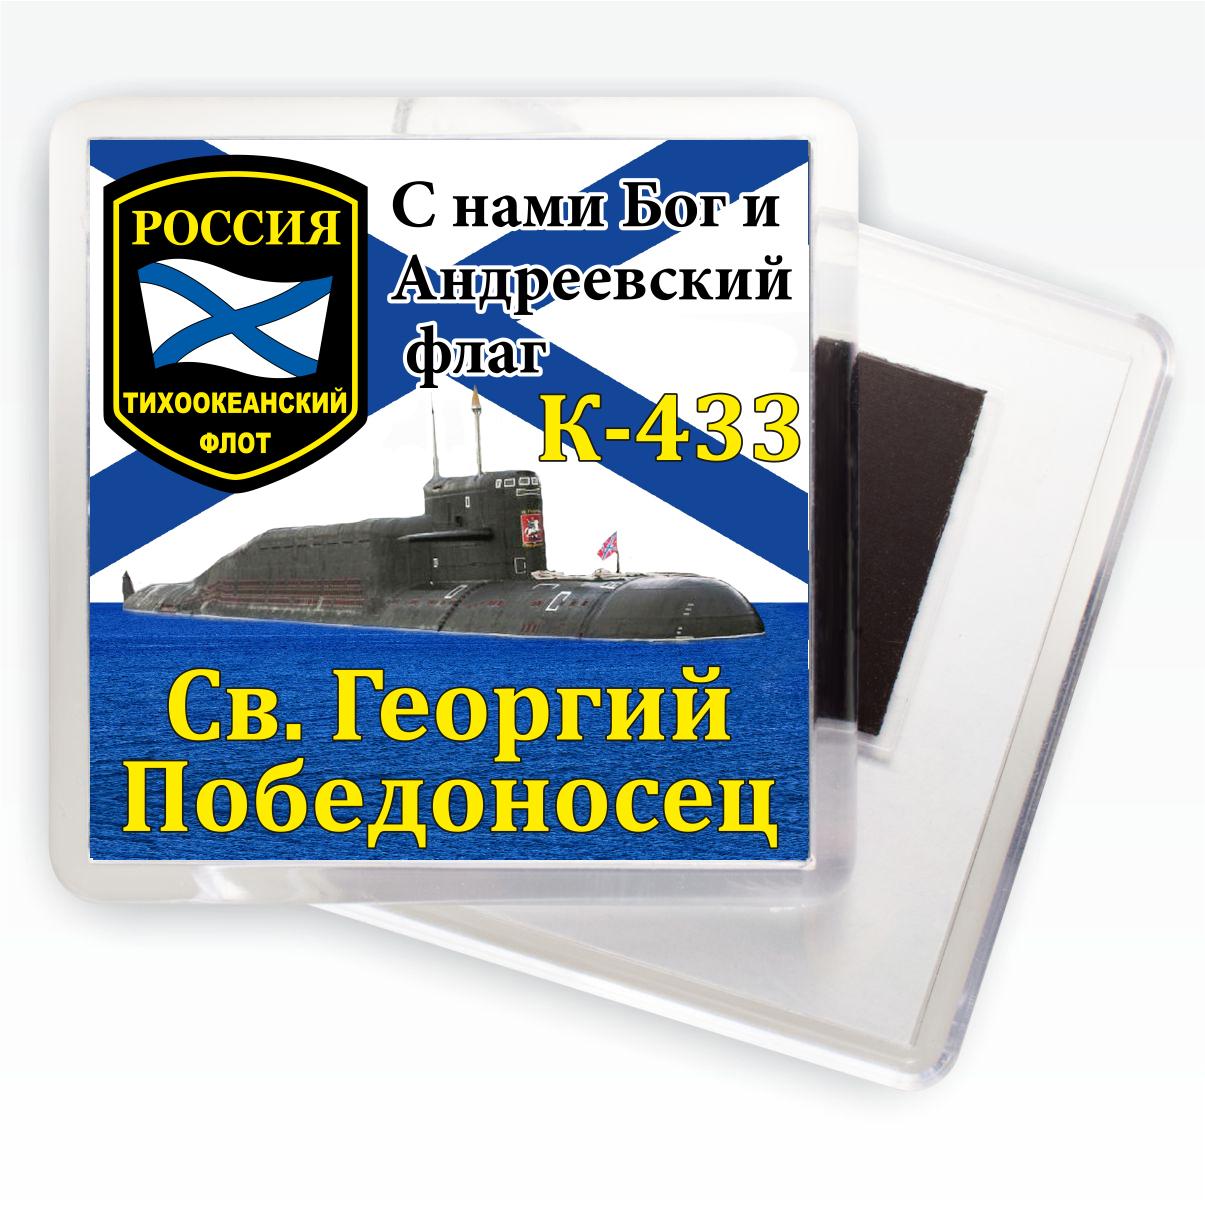 Магнитик К-433 «Св. Георгий Победоносец»